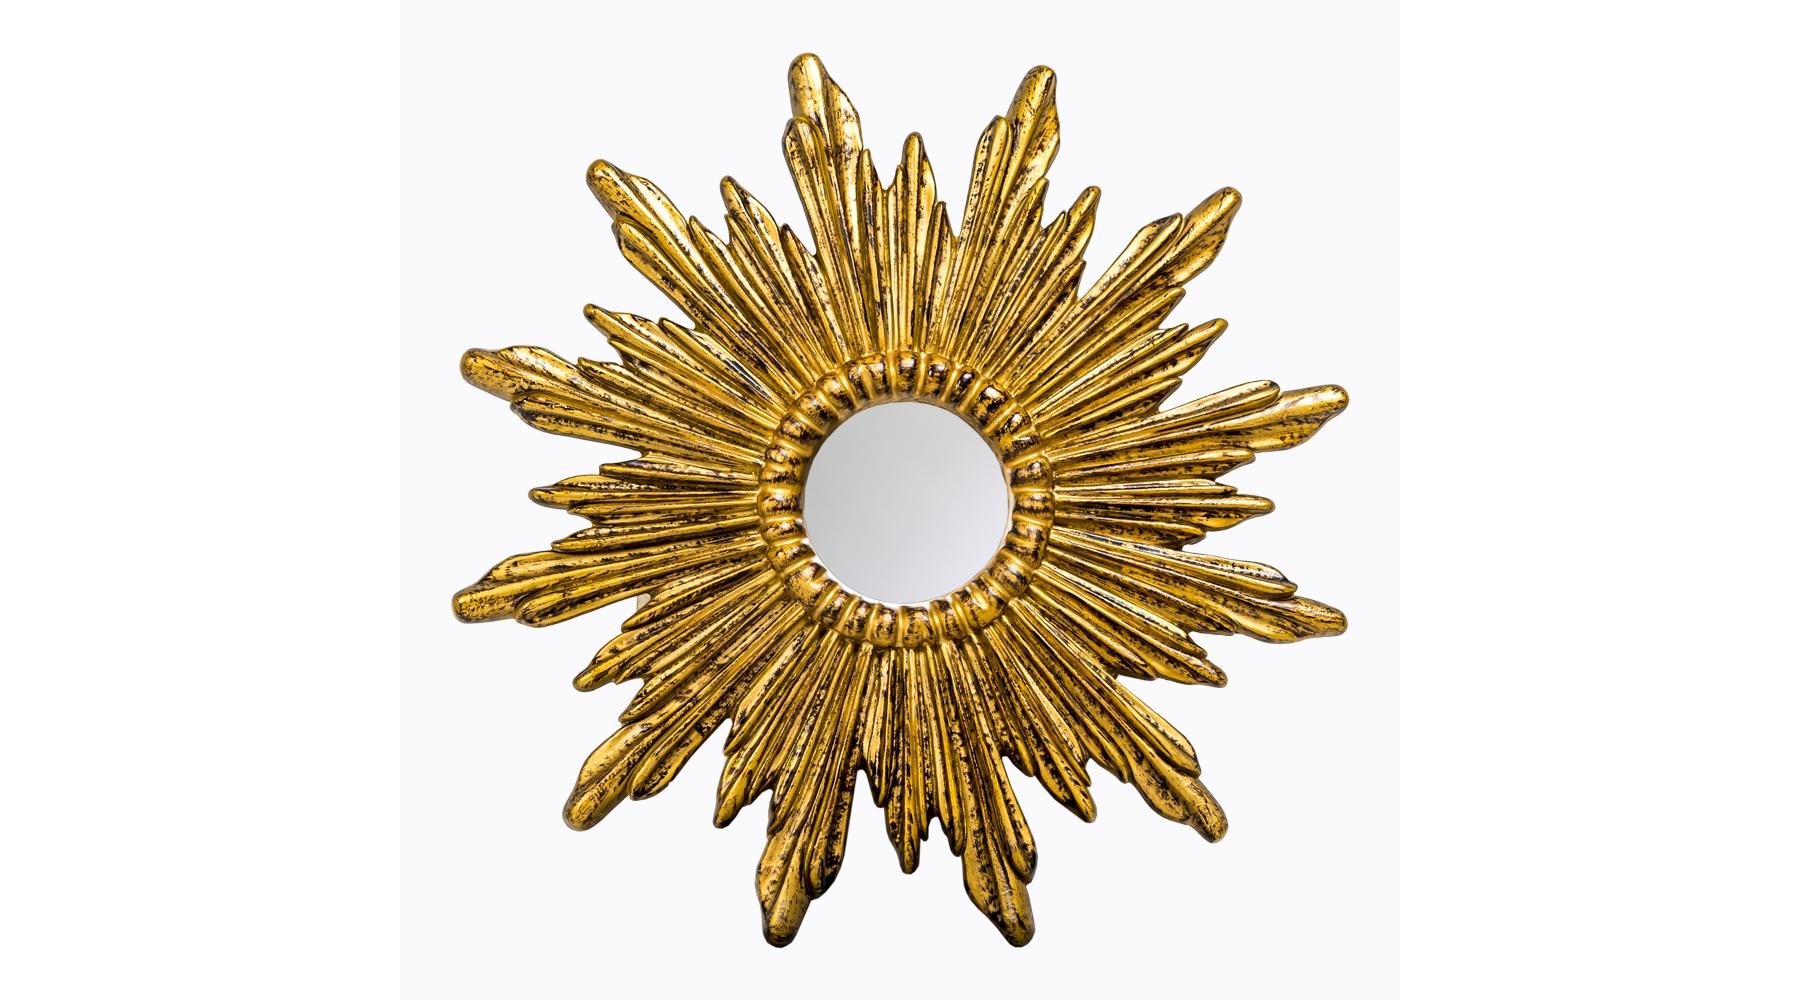 Настенное зеркало «Аврора»Настенные зеркала<br>Это настенное зеркало будет особенно гармонично смотреться в окружении мебели в богемном стиле ар-деко или эклектика. Идея солнечного диска, окрашенного в цвет старого золота с чернением, эффектна и свежа. Рама изготовлена из мебельного полиуретана, материала достаточно легкого и практичного, долговечного и невероятно прочного. Зеркало покрыто слоем серебряной амальгамы, а по периметру опоясано фацетом. Толстое стекло очень точно, без малейших искажений отражает предметы и объекты. Размер изделия: 74,5?74,5?4 см. Вес: 2,5 кг.<br><br>Material: Полиуретан<br>Width см: None<br>Depth см: 4<br>Height см: None<br>Diameter см: 74,5